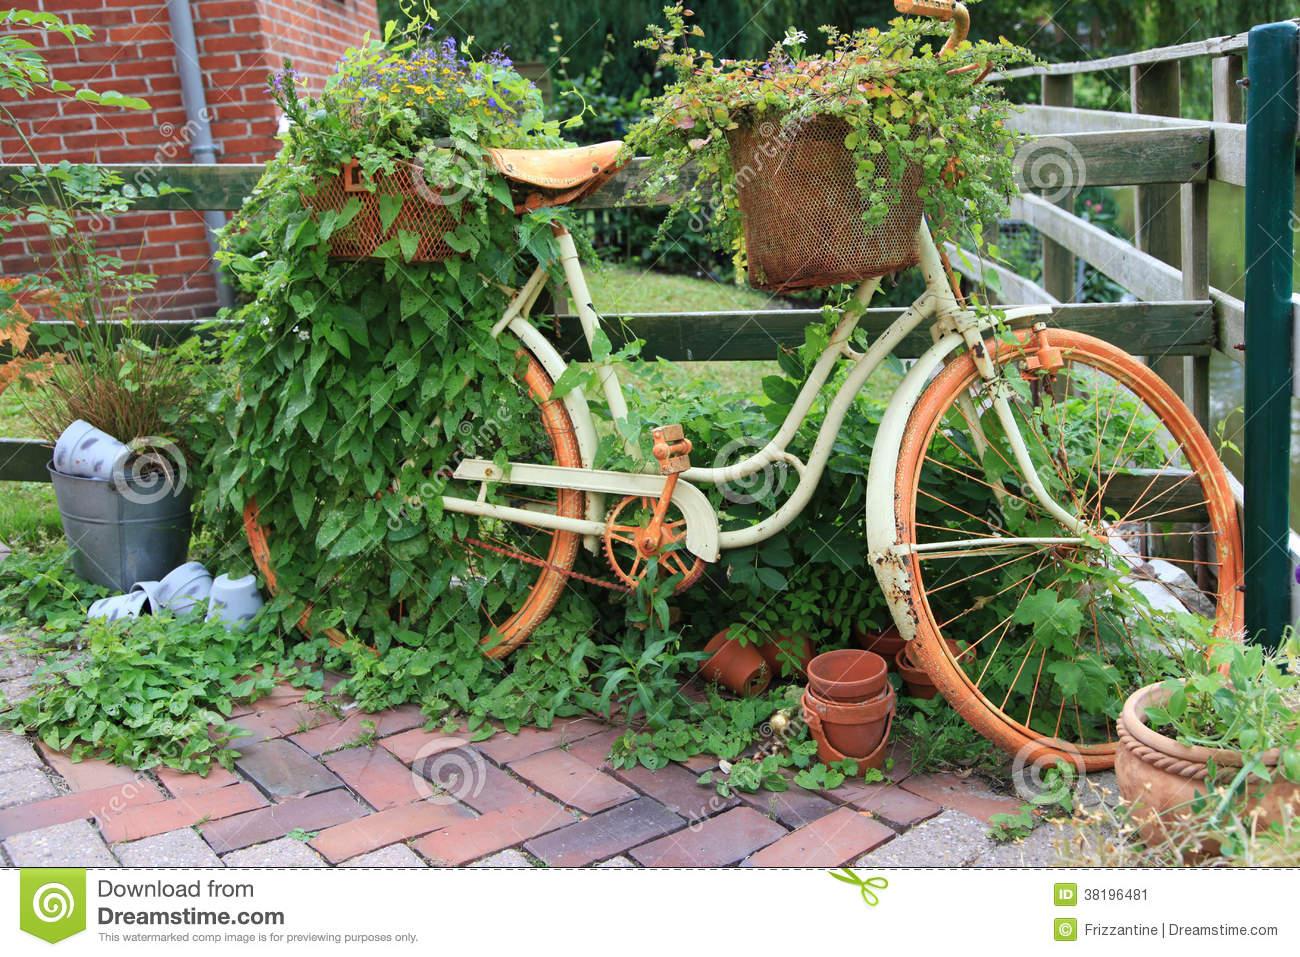 Velo de decoration pour jardin - Design en image